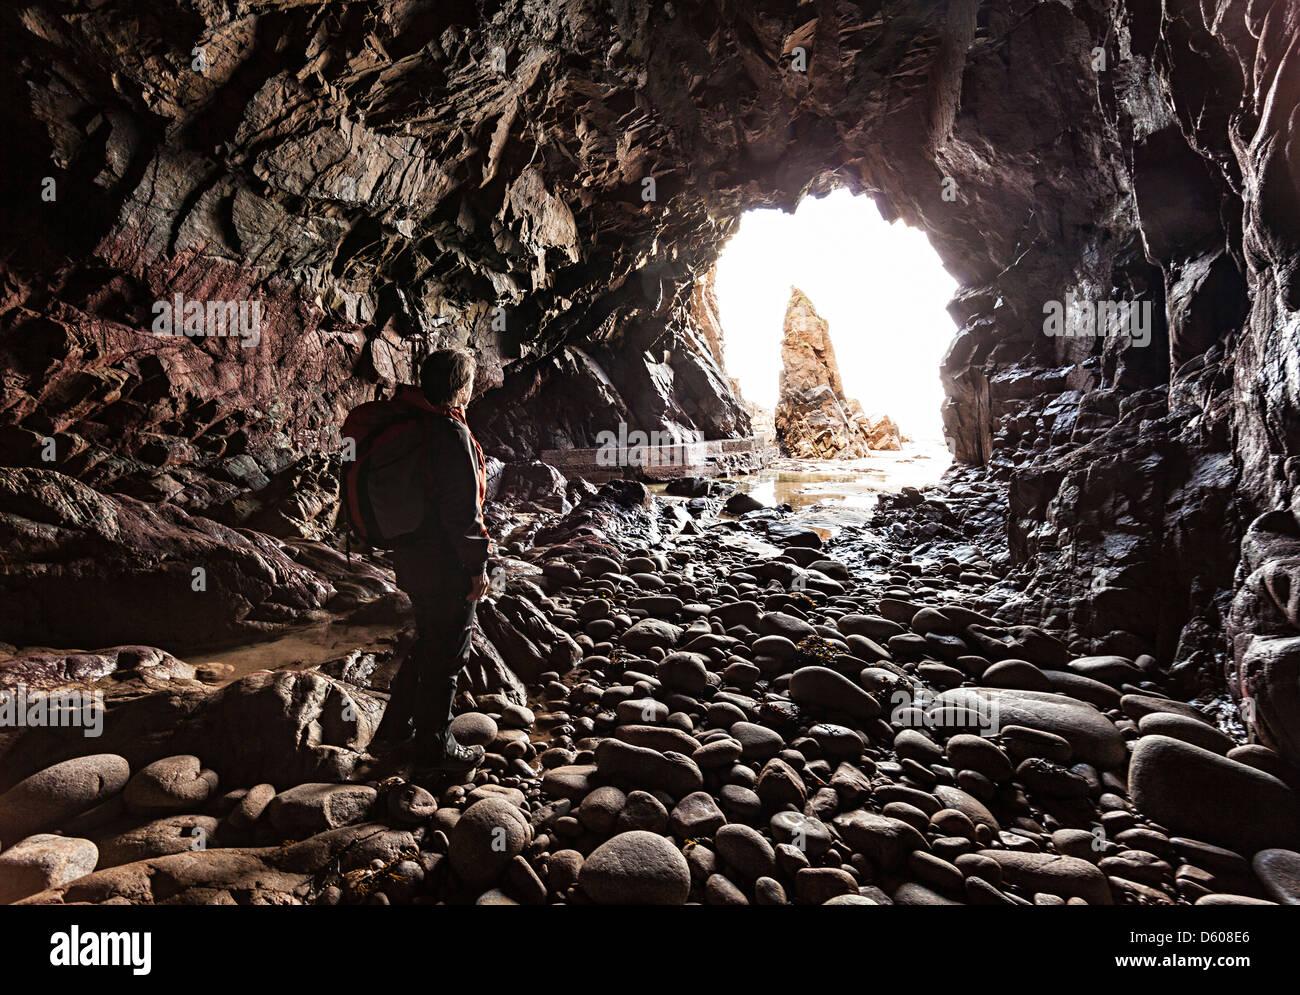 Plemont grotte et rocher de l'aiguille, Jersey, Channel Islands, Royaume-Uni Photo Stock